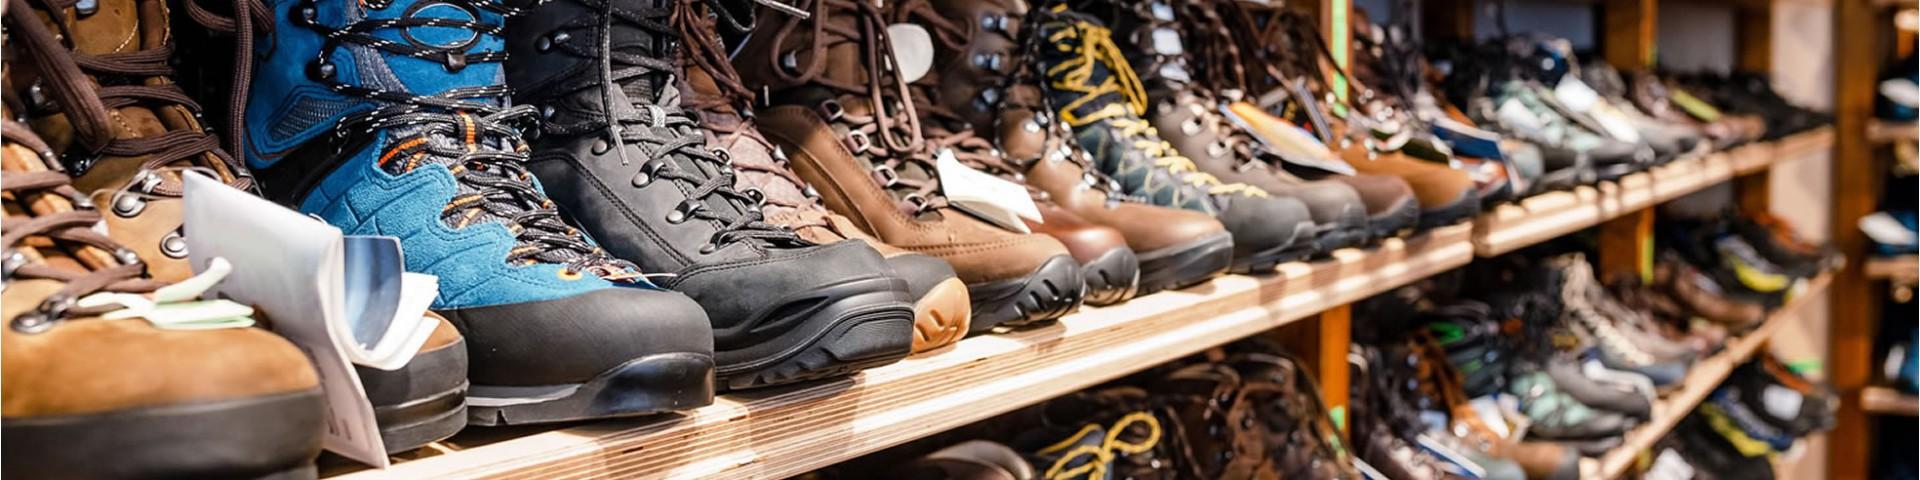 Catálogo Botas y Zapatillas de Montaña BESTARD